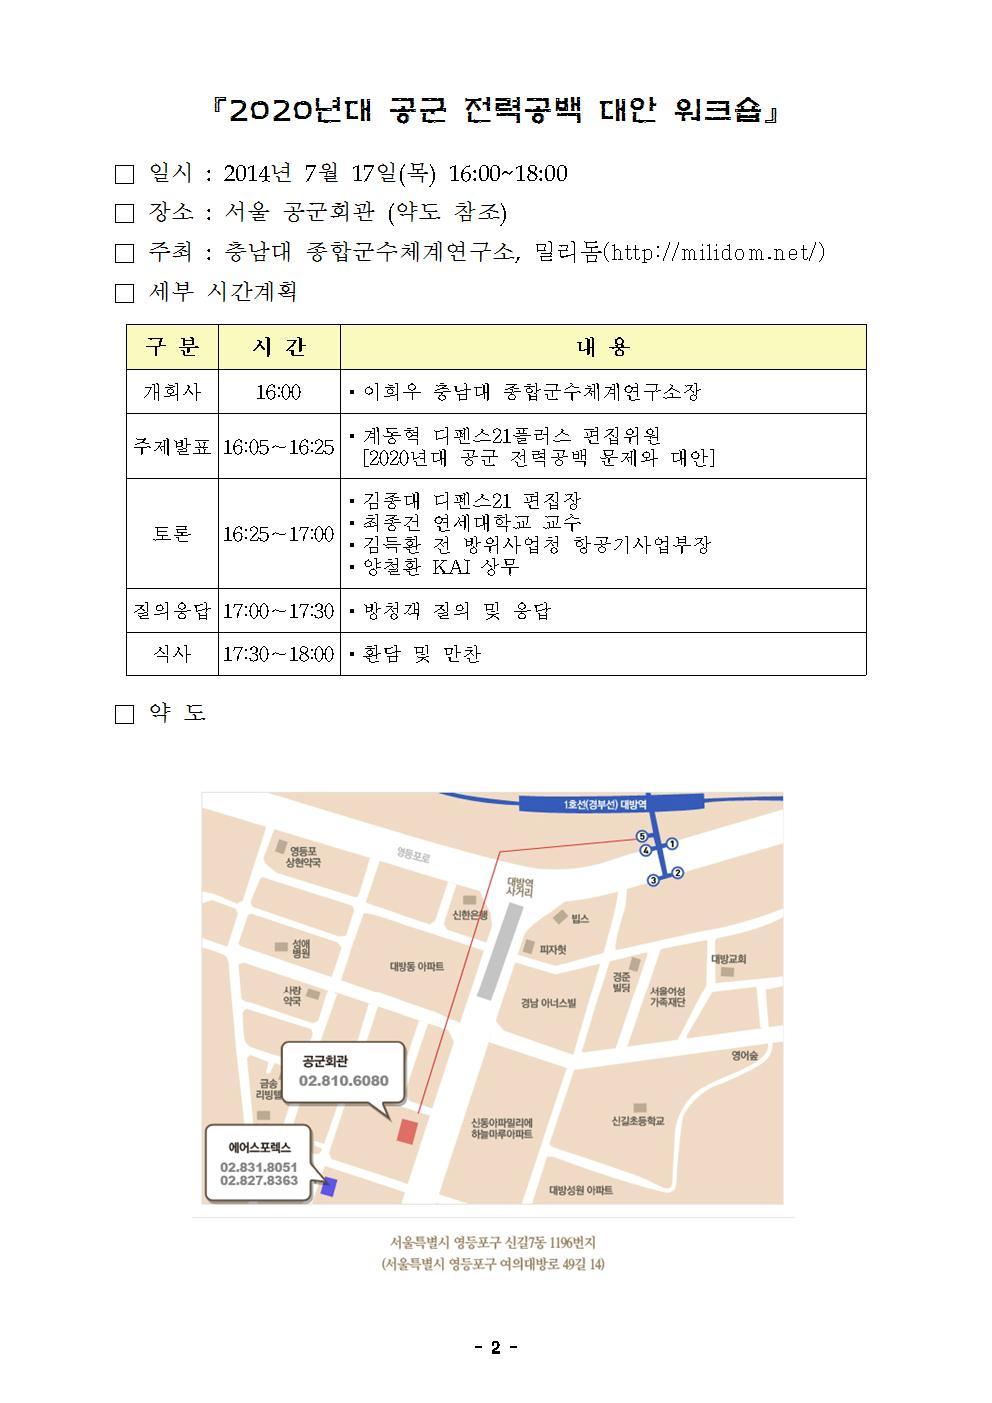 00-14년_공군 전력공백 대안 세미나_초청장002.jpg